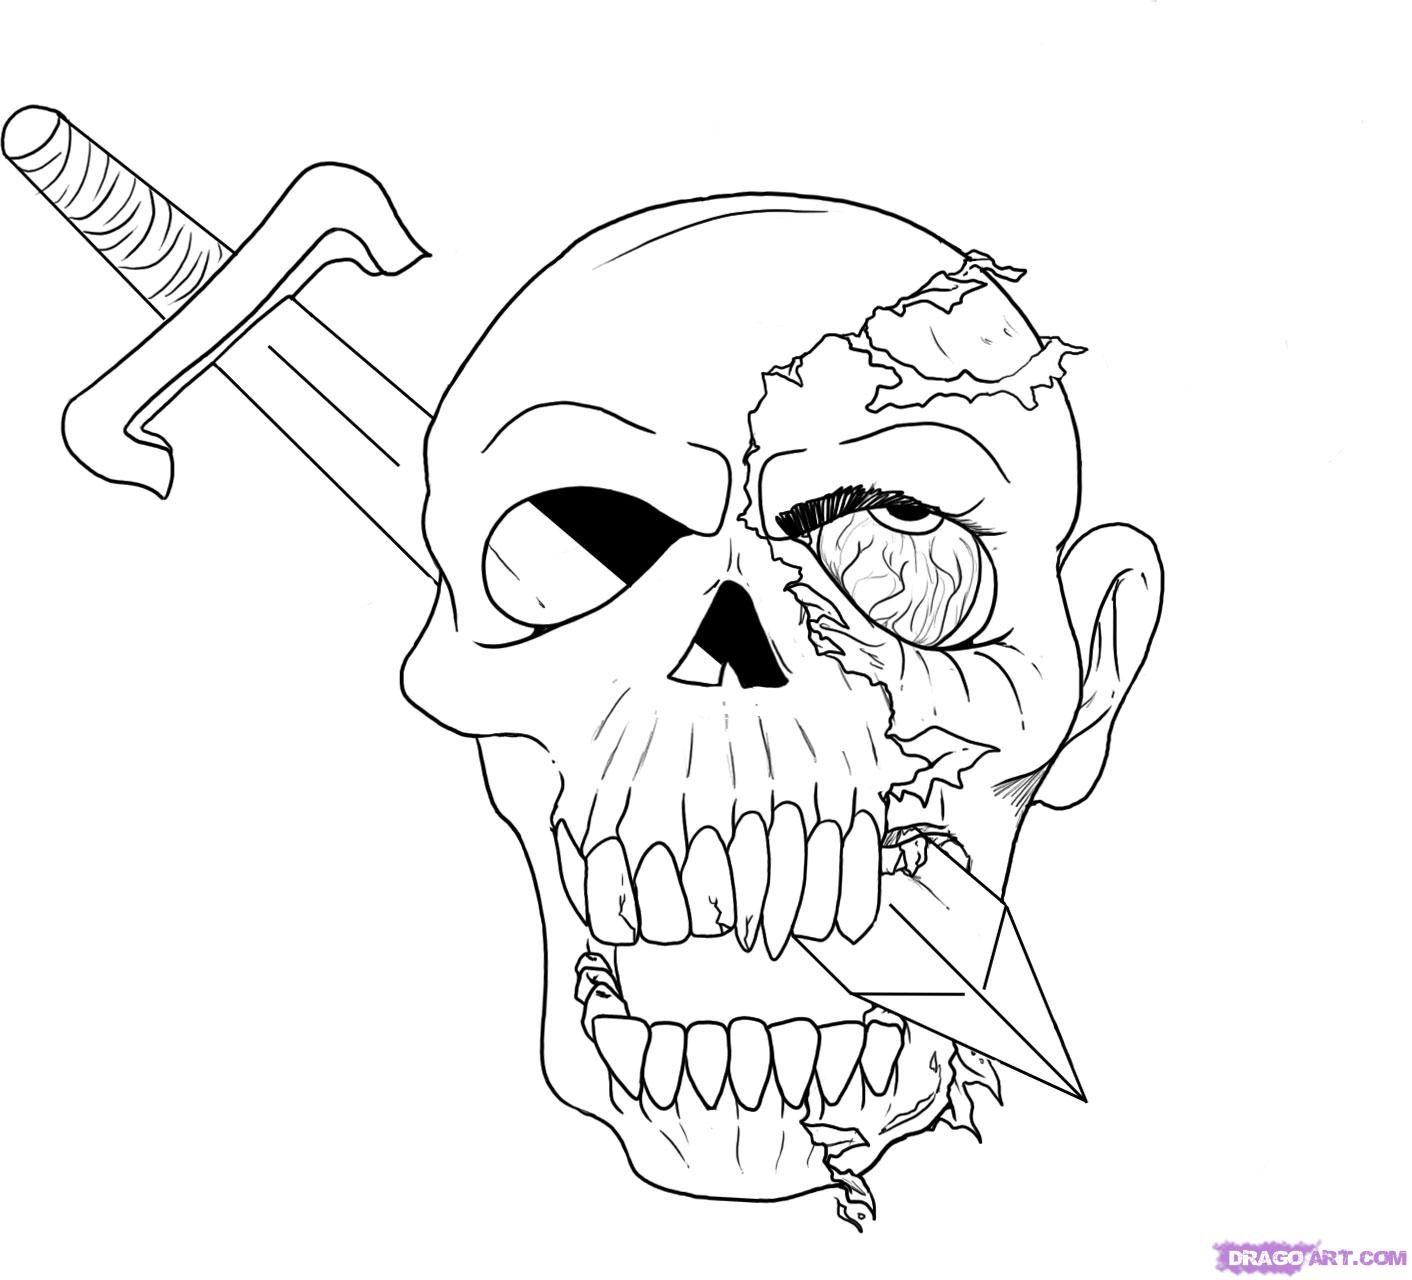 крутые рисунки для пацанов карандашом скелеты фактурные обои одной